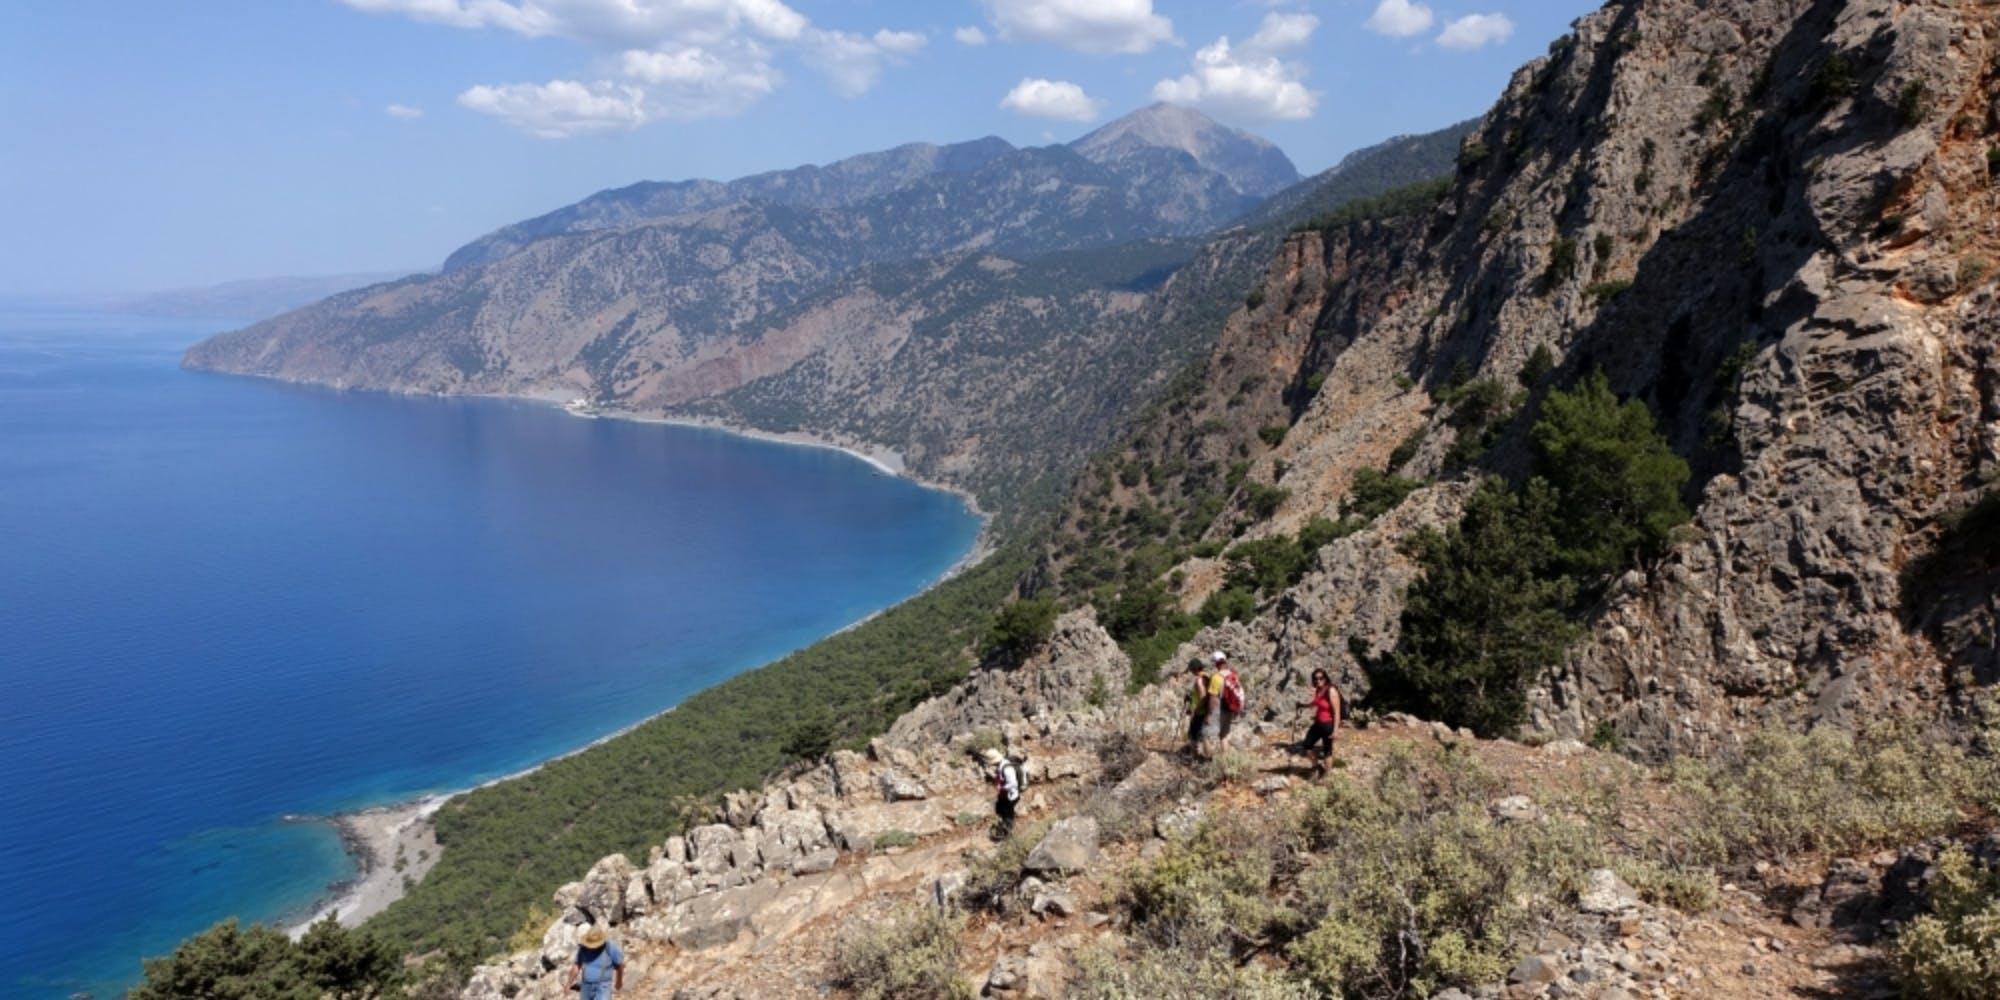 Εξερευνώντας τα μονοπάτια της Ελλάδας: Πεζοπορία στα νότια του Νομού Χανίων (Pics)